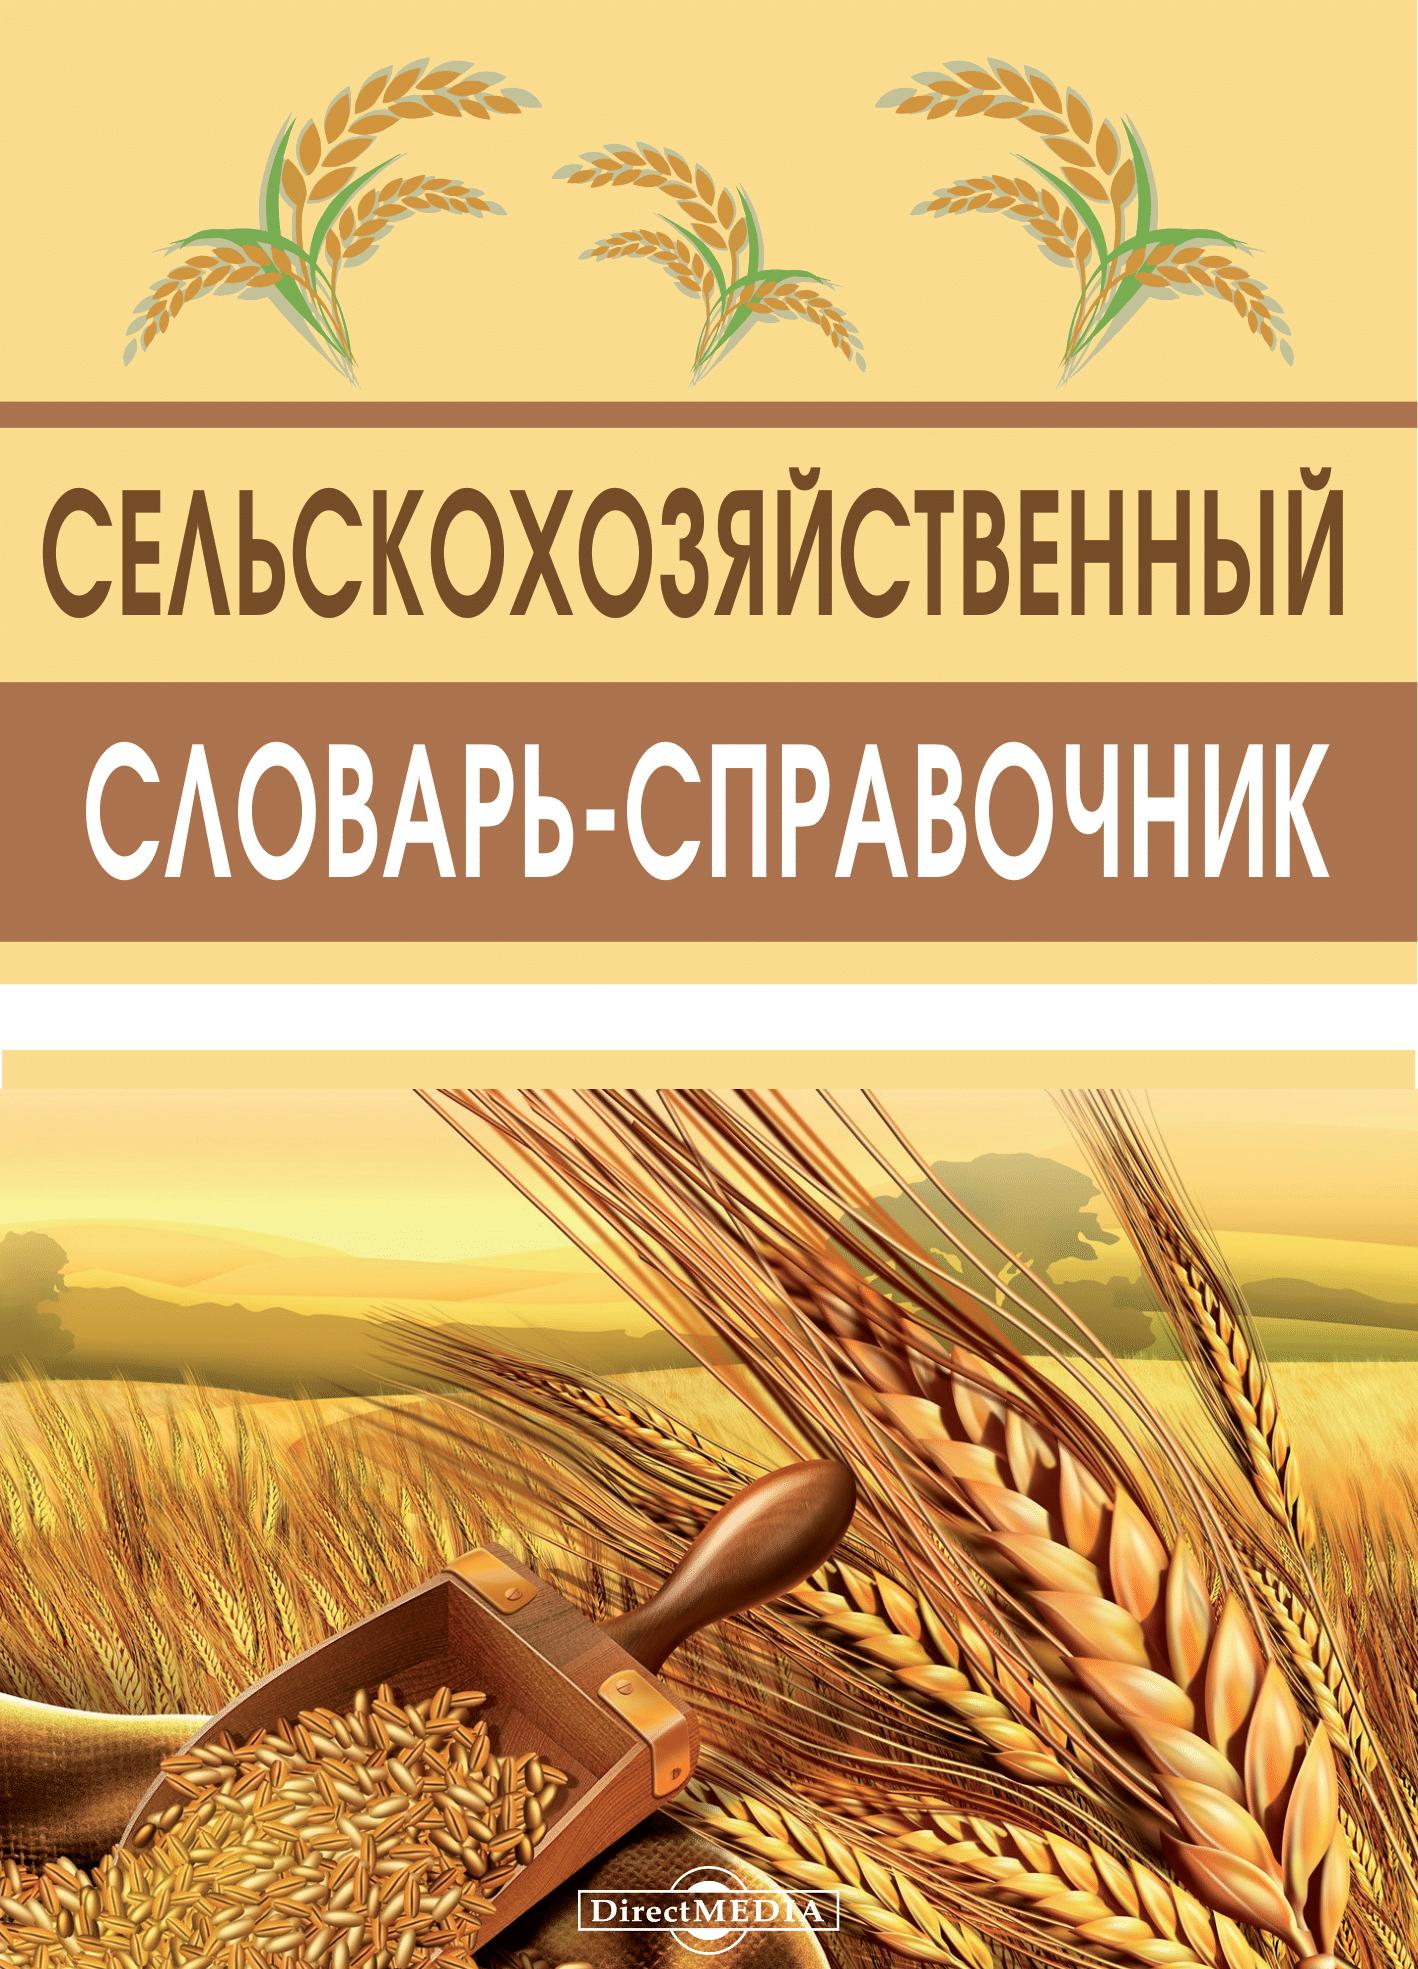 Сельскохозяйственный словарь-справочник